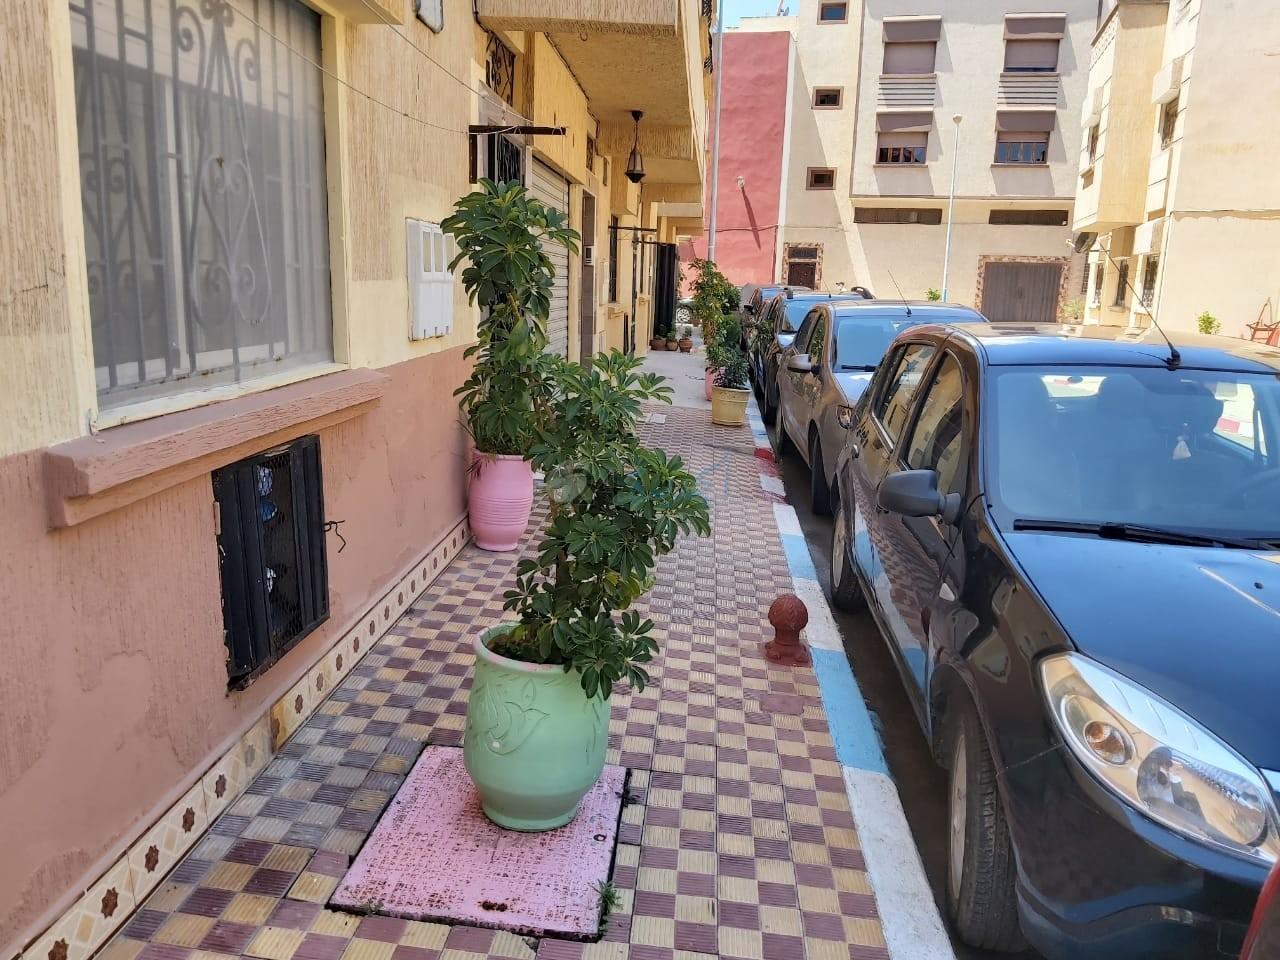 جمعية الجورة لحي فدان الشيخ بالجديدة  تحول الحي إلى لوحة  فنية